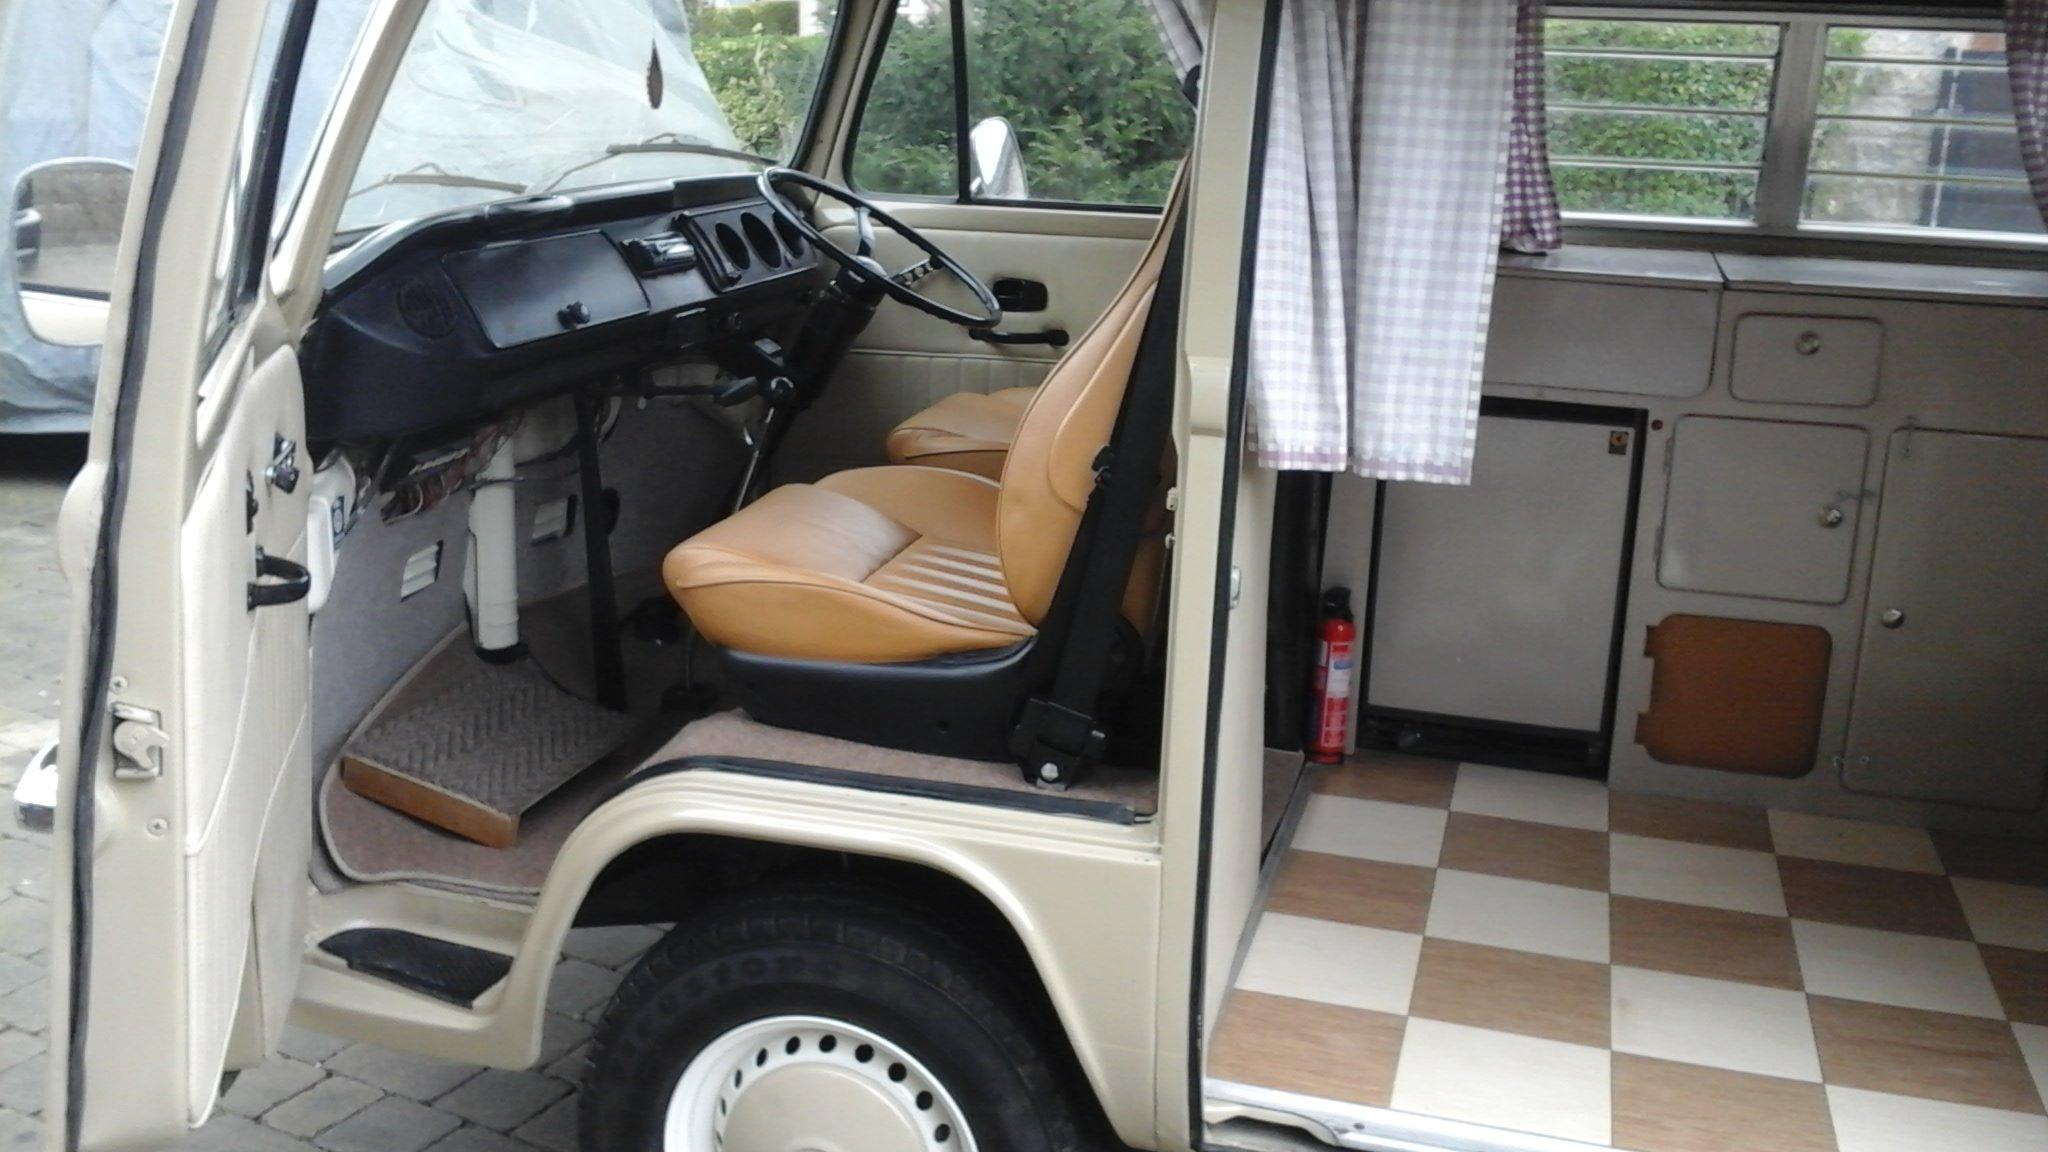 1976 VW VOLKSWAGEN T2 TYPE2 BAYWINDOW CAMPER VAN For Sale (picture 5 of 6)